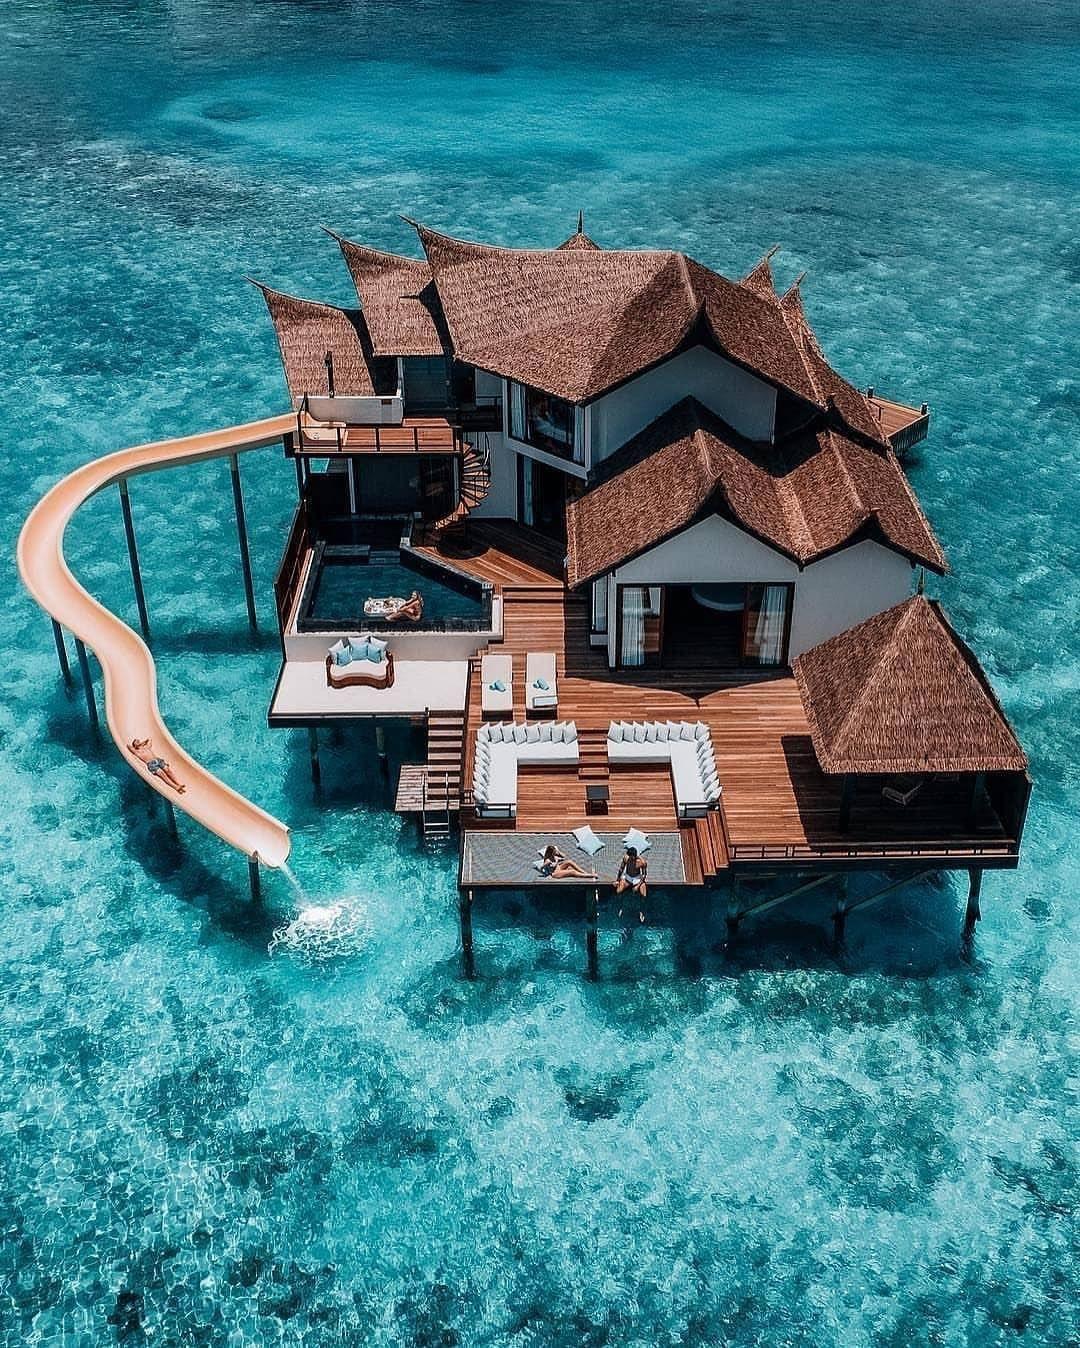 Hotel De Luxe Pas Cher : hotel, Hotel, Resort, Monde, Comment, Trouver, Hébergement, Cher…, Paysage, Vacances,, Vacances